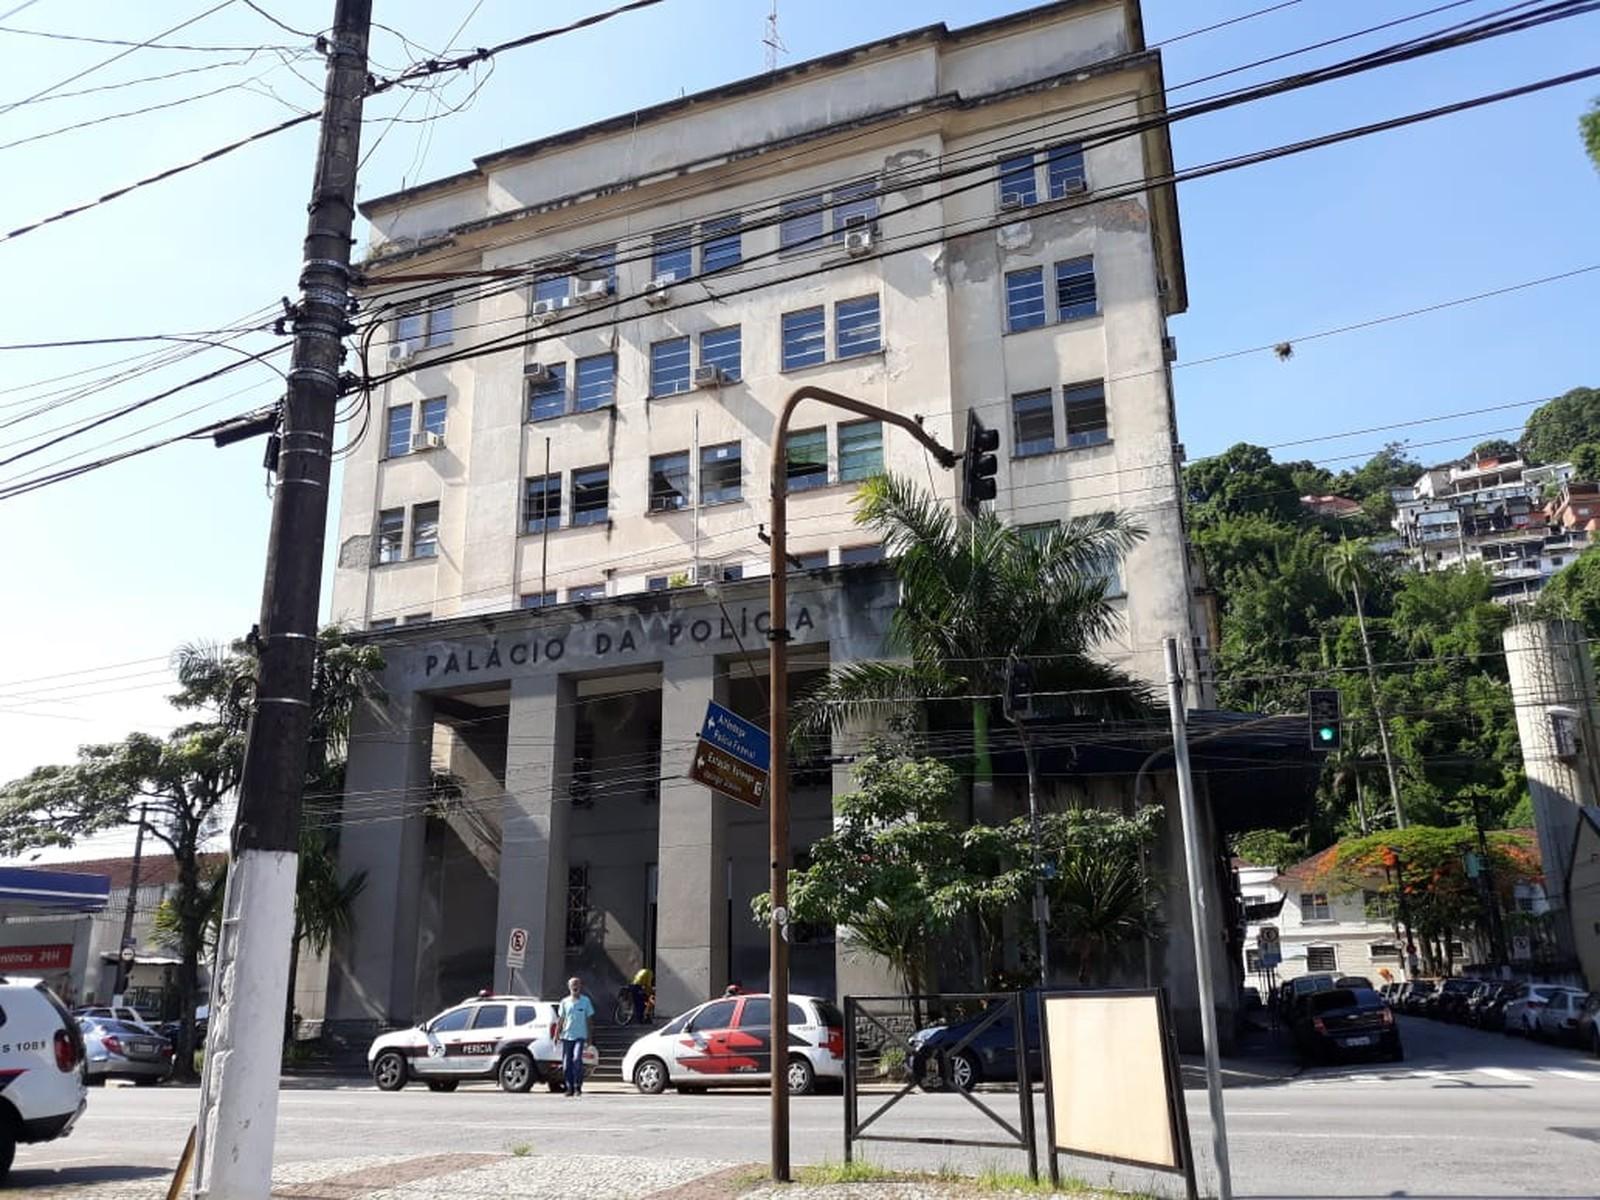 Transexual procura a polícia após ser ameaçada por grupo satânico em SP - Notícias - Plantão Diário